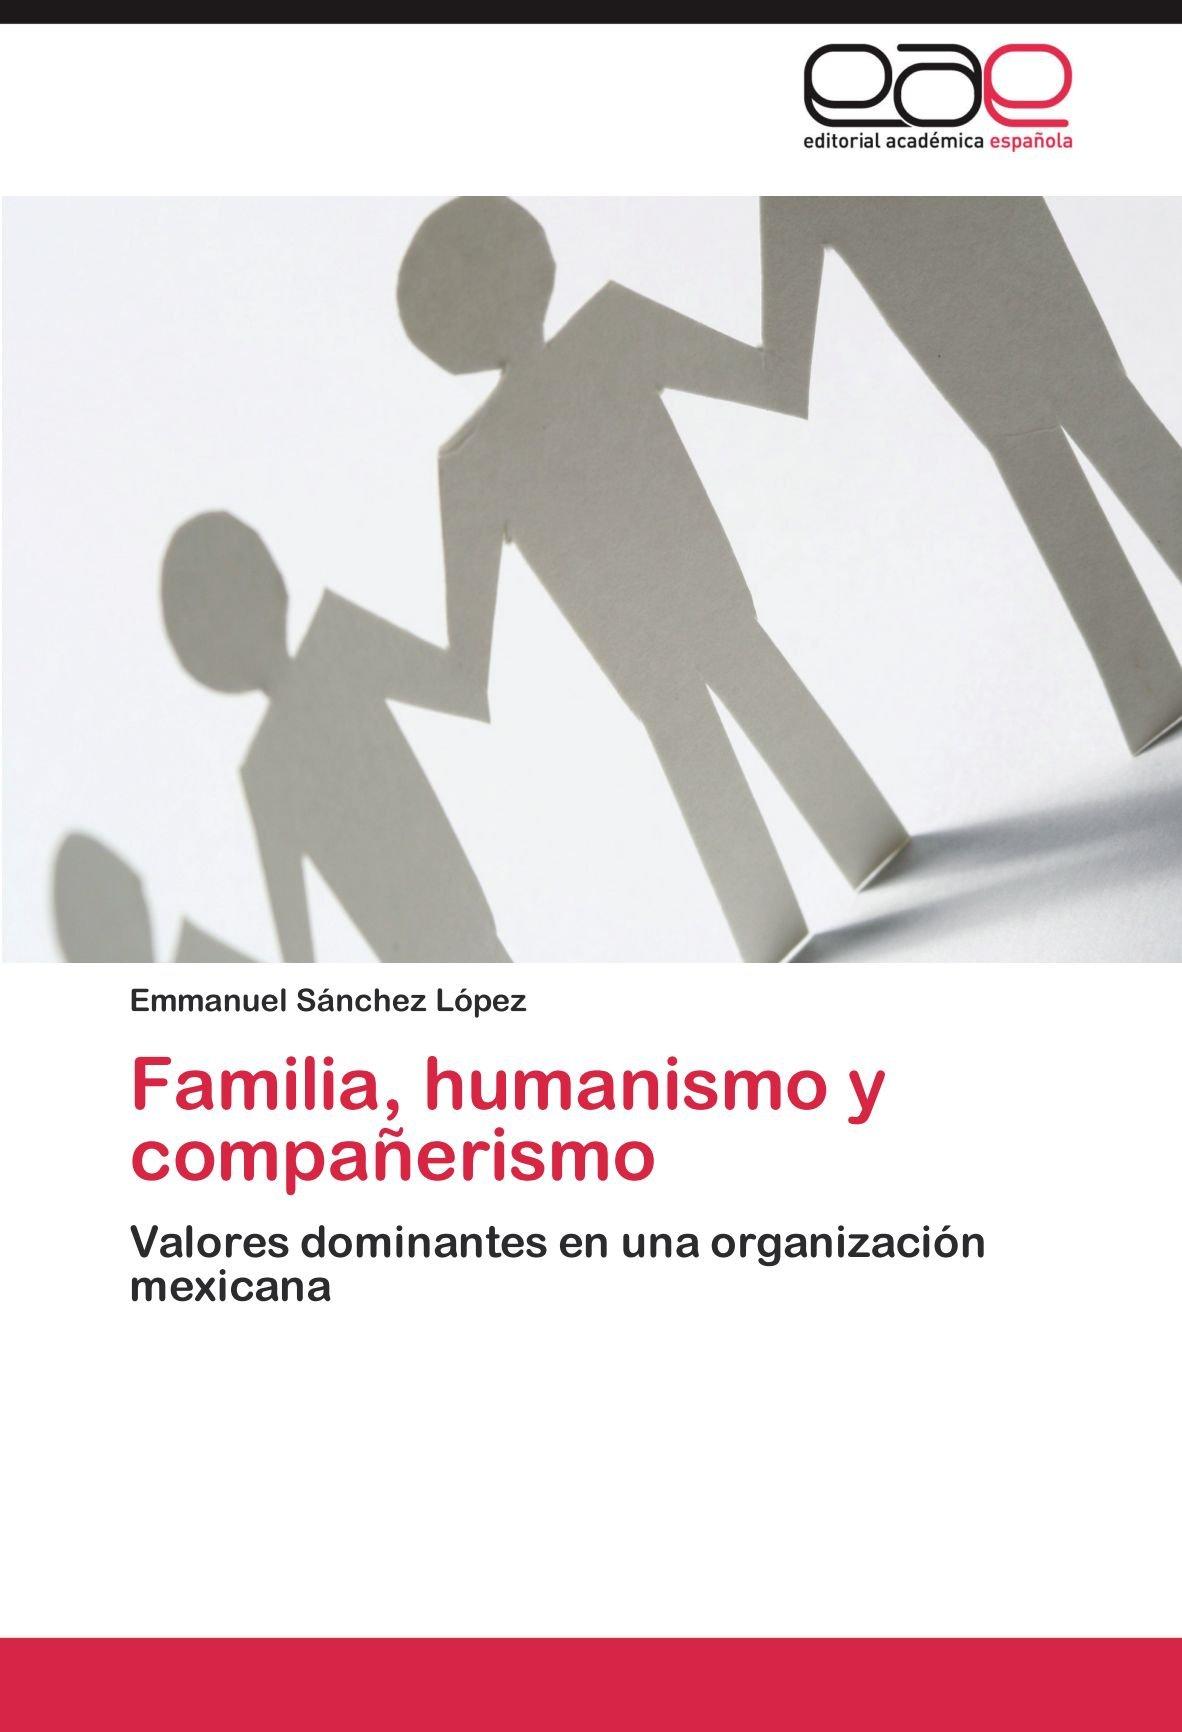 Familia, humanismo y compañerismo: Valores dominantes en una organización mexicana (Spanish Edition): Emmanuel Sánchez López: 9783848453535: Amazon.com: ...